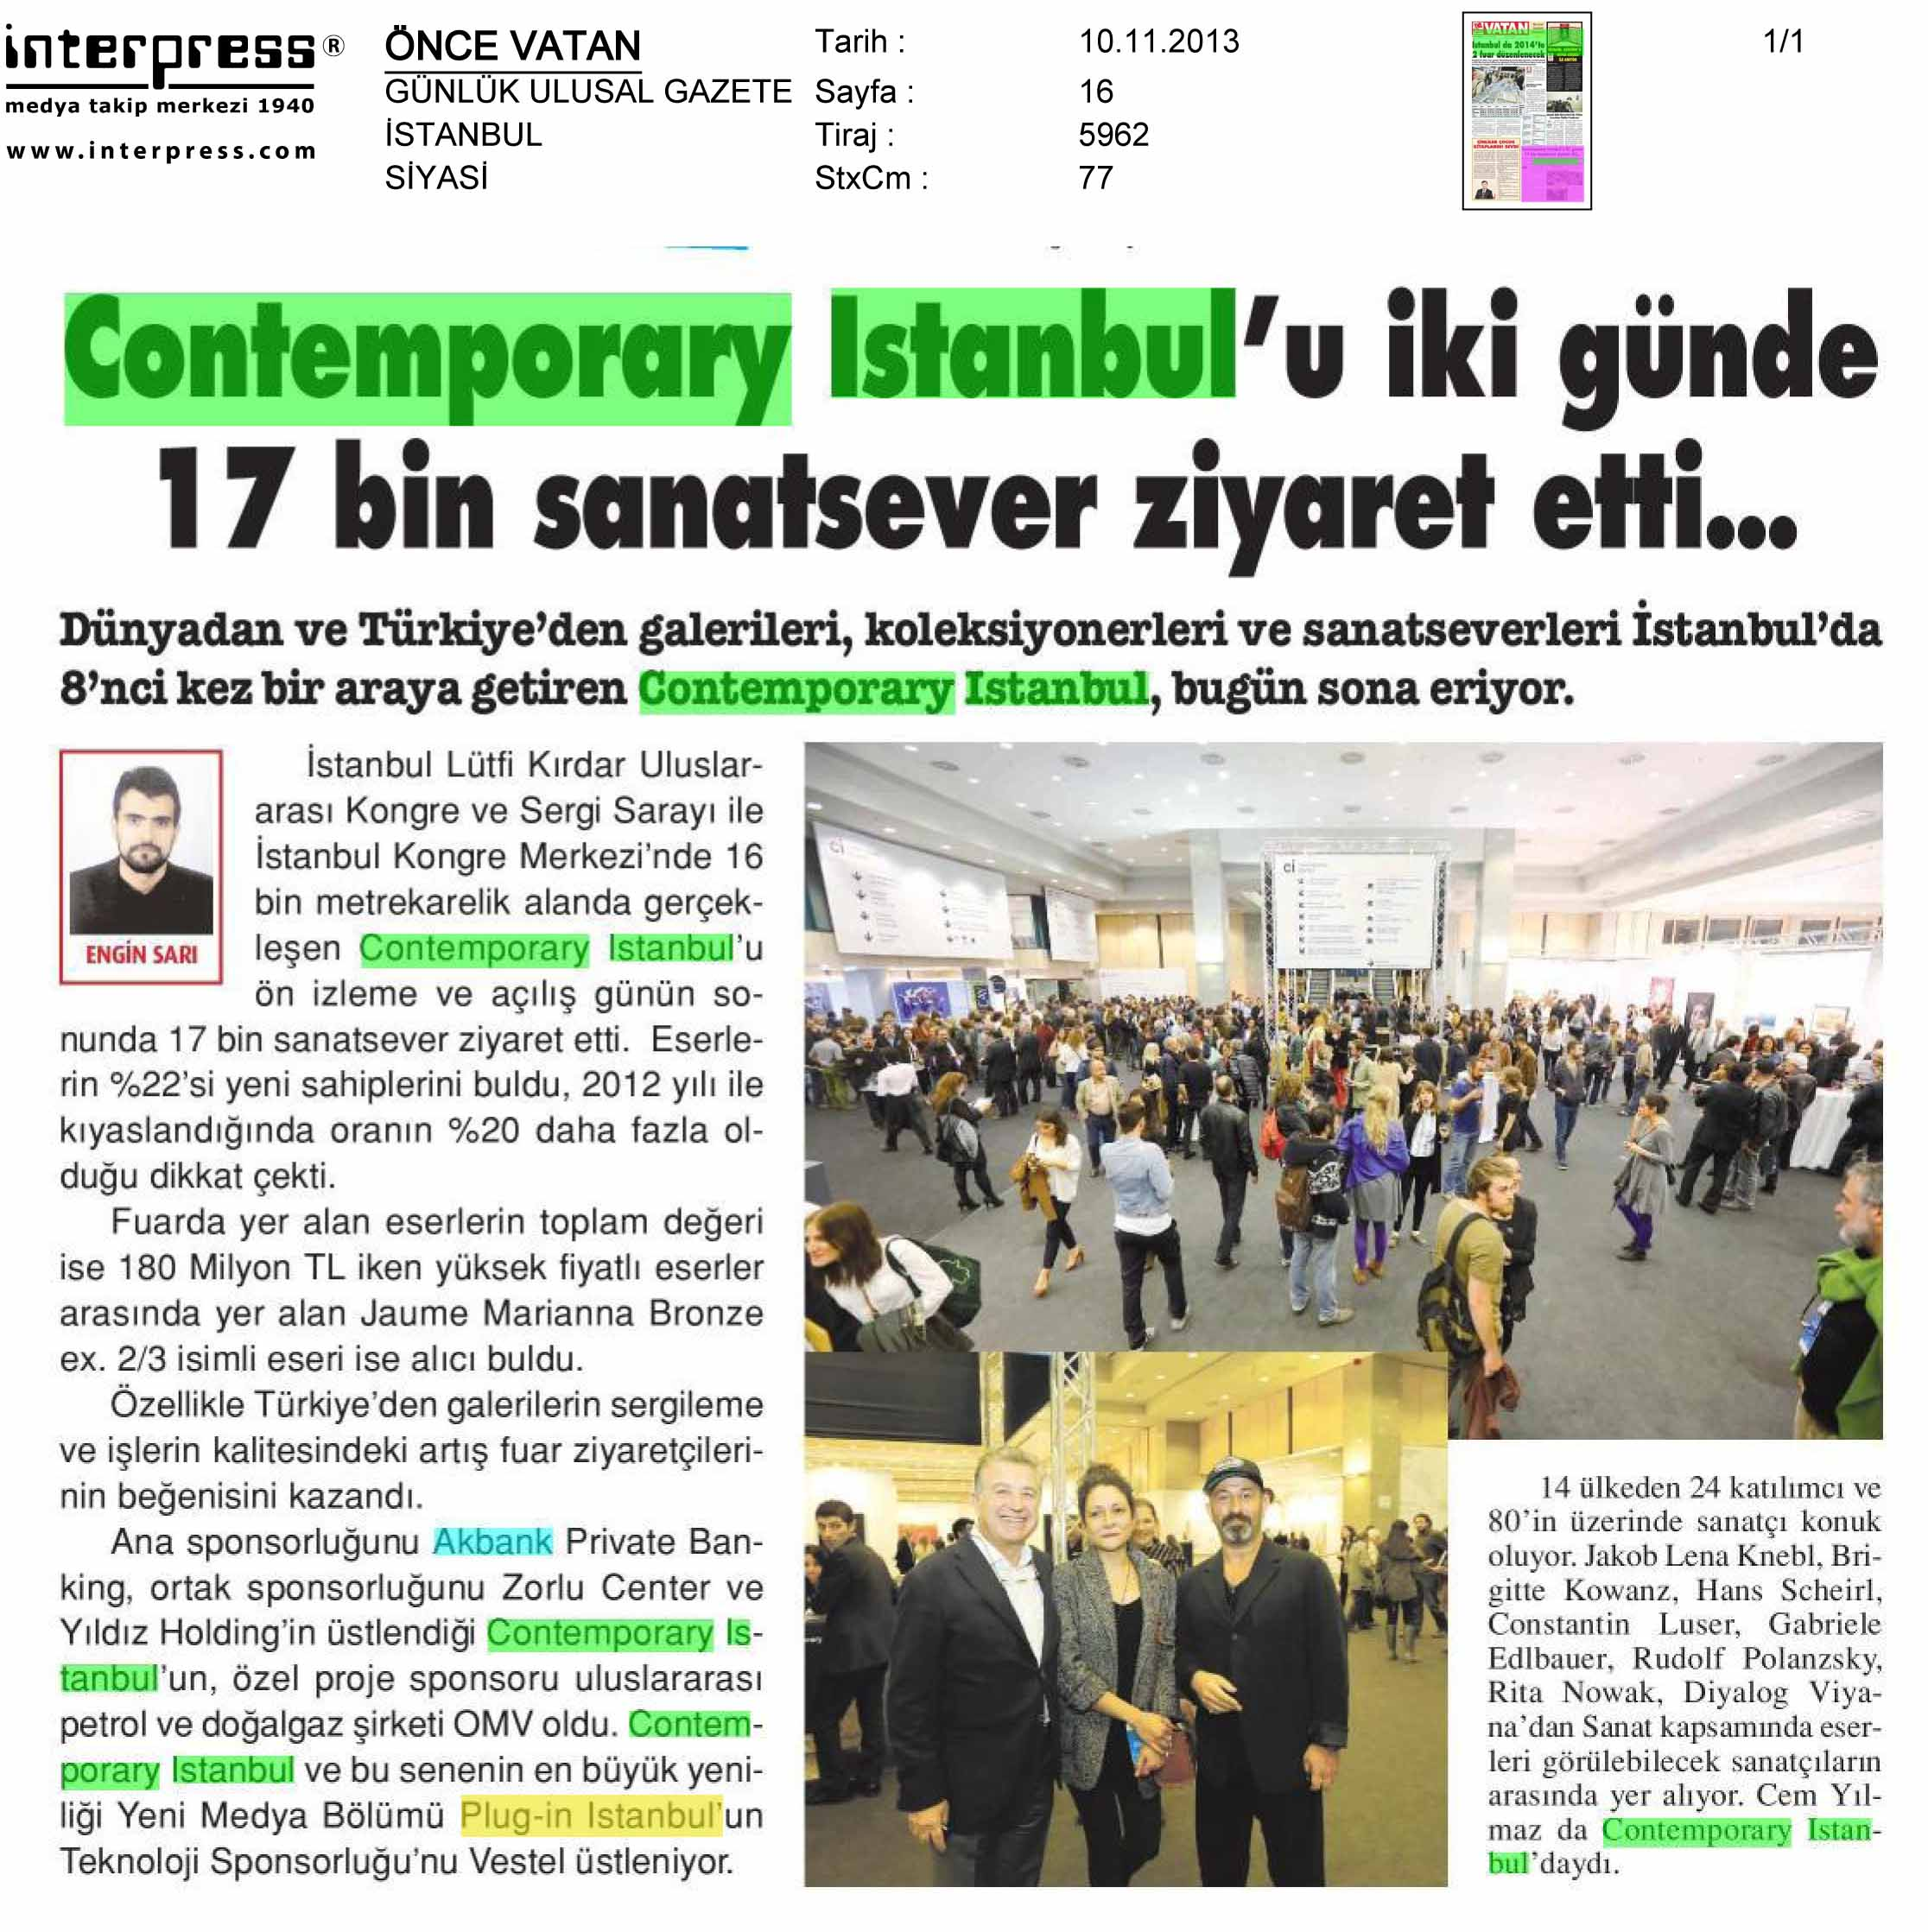 Önce Vatan - Ulusal Günlük Gazete - 10.jpg